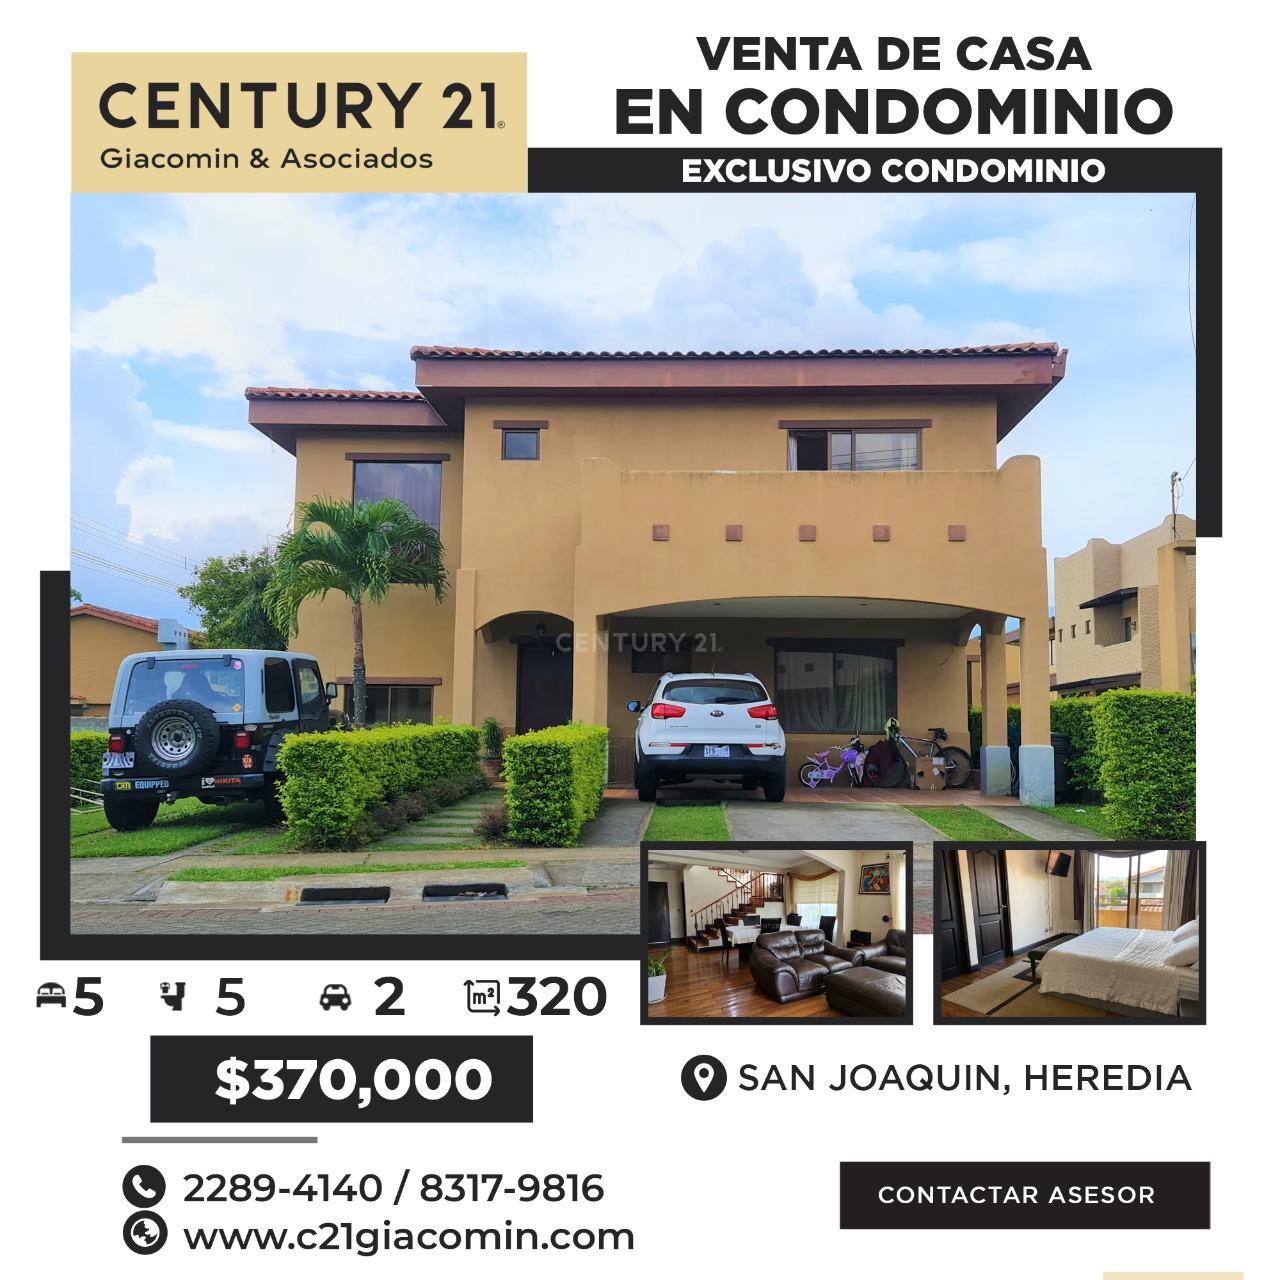 VENTA DE CASA EN EXCLUSIVO CONDOMINIO! EN SAN JOAQUIN DE HEREDIA